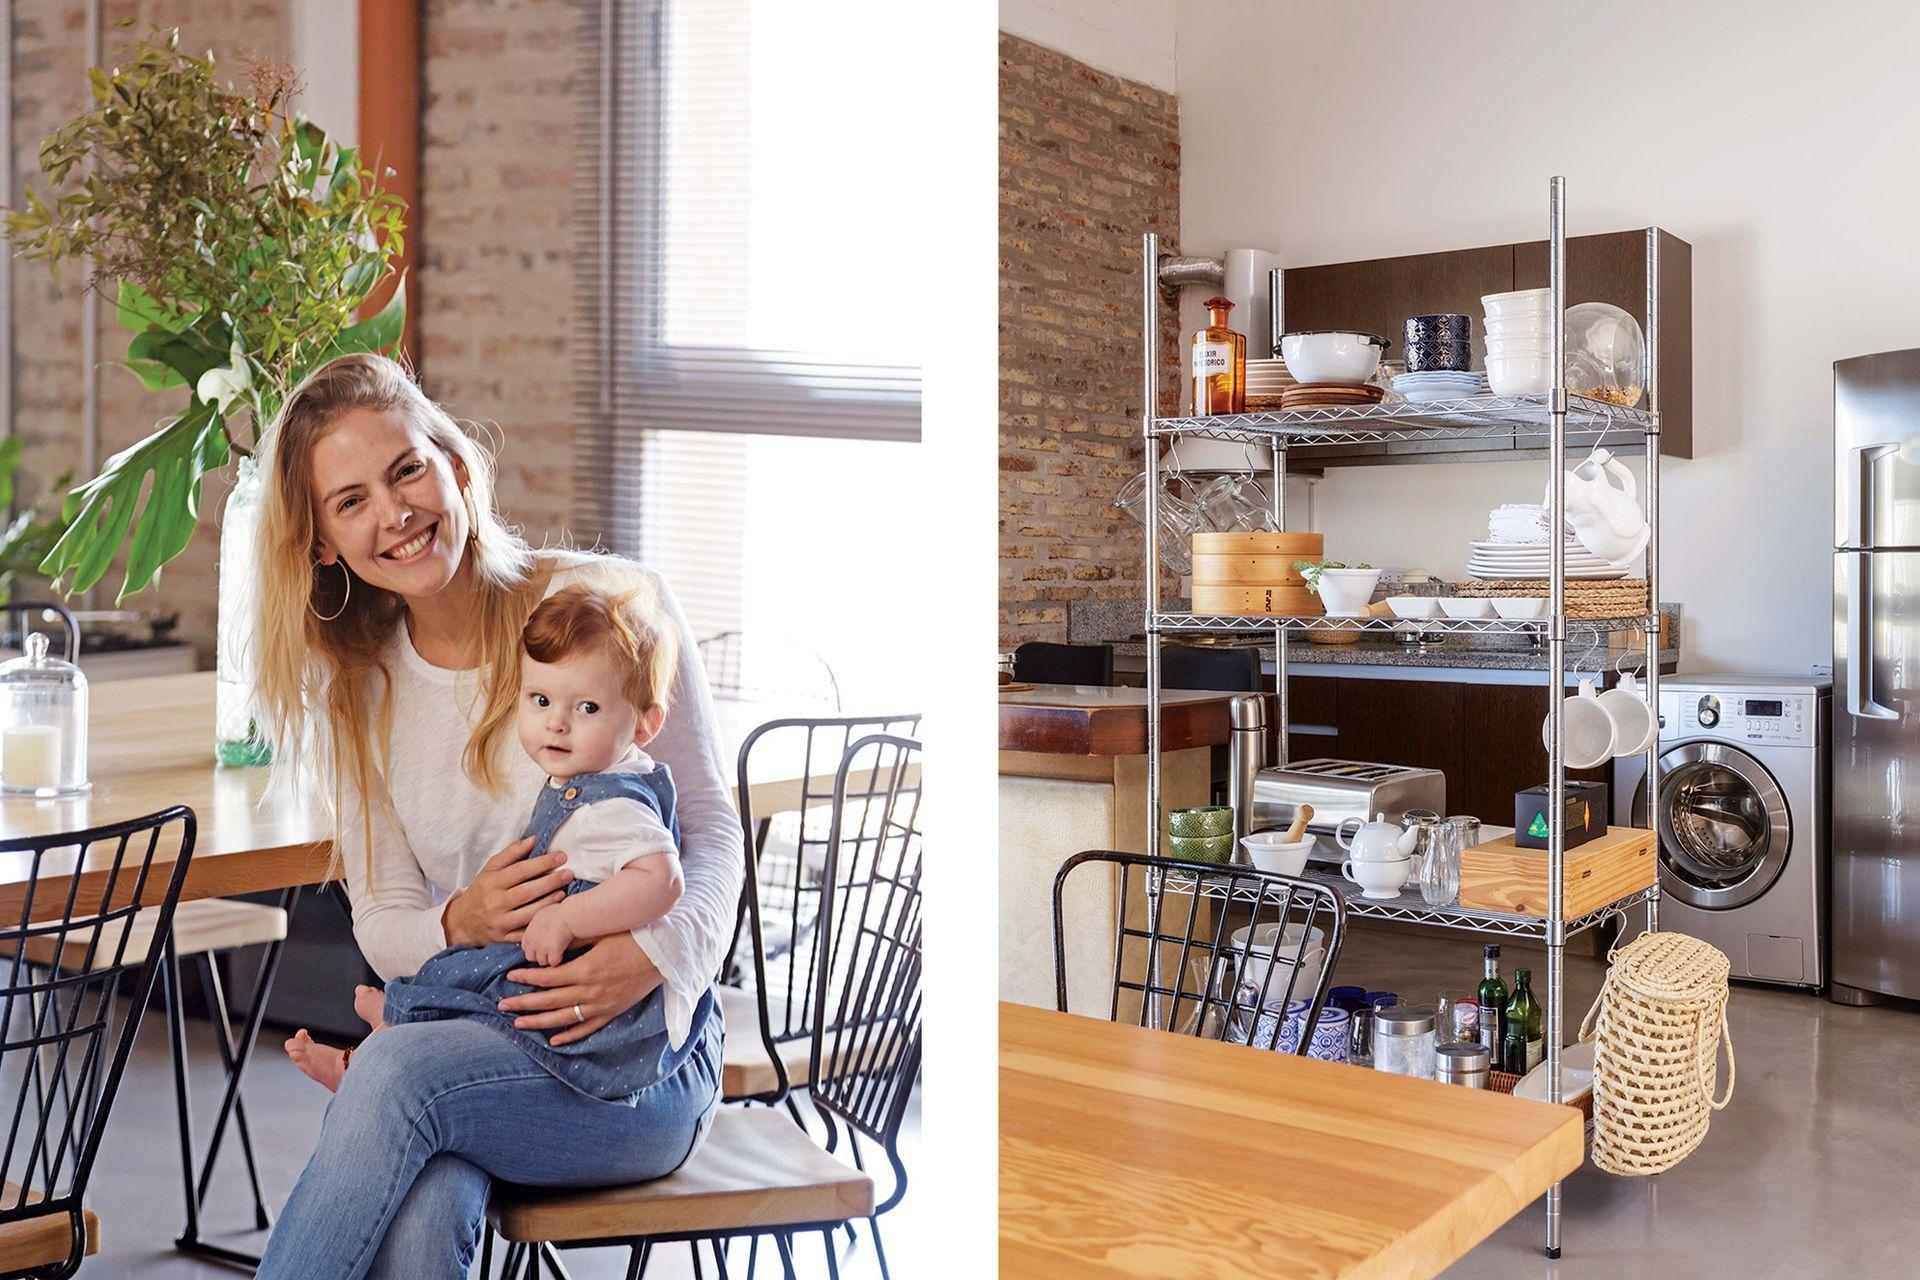 """""""Dejamos la cocina tal cual la recibimos: sólo agregamos un mueble de acero inoxidable para acomodar condimentos, utensilios y vajilla de uso diario""""."""